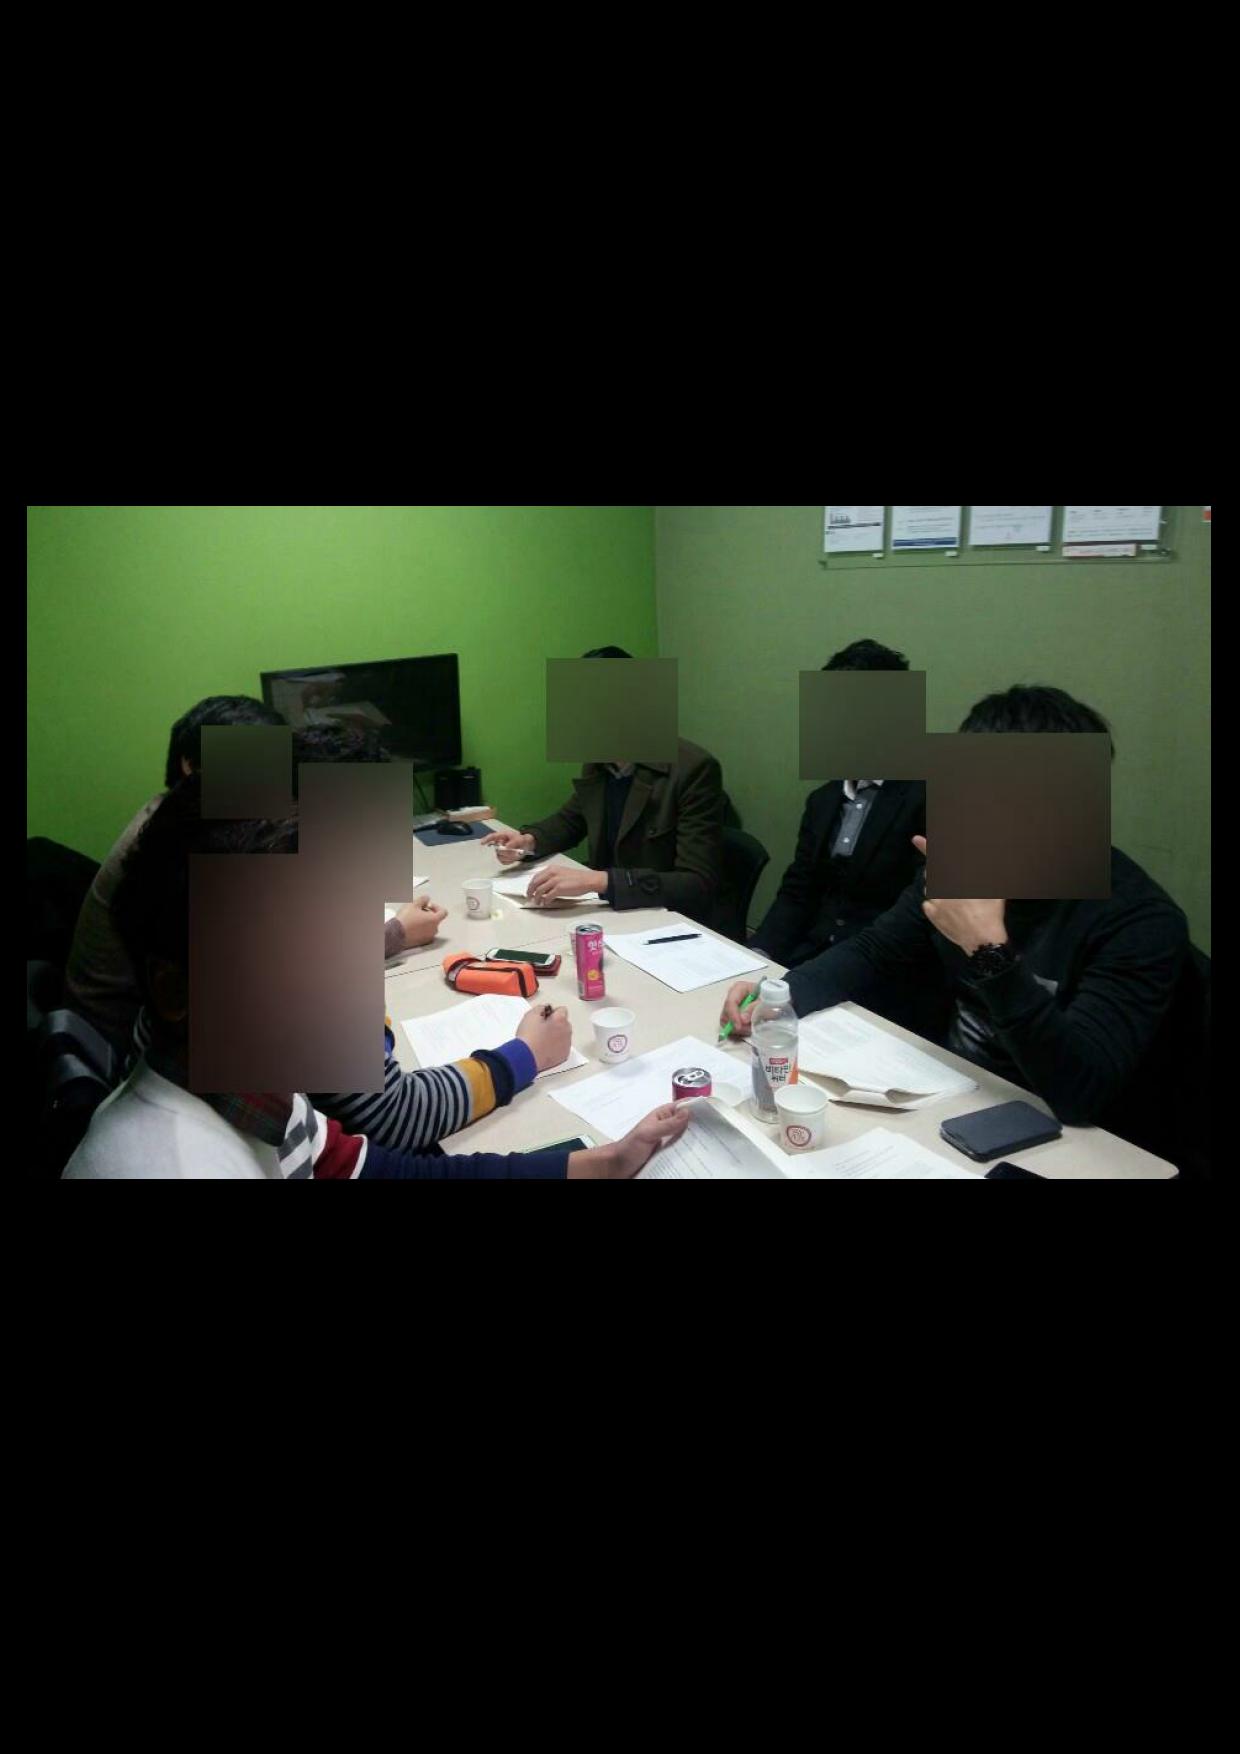 본 머티리어 1회차 홍보글 v3(수강후기 따로 편집요함)_37.png